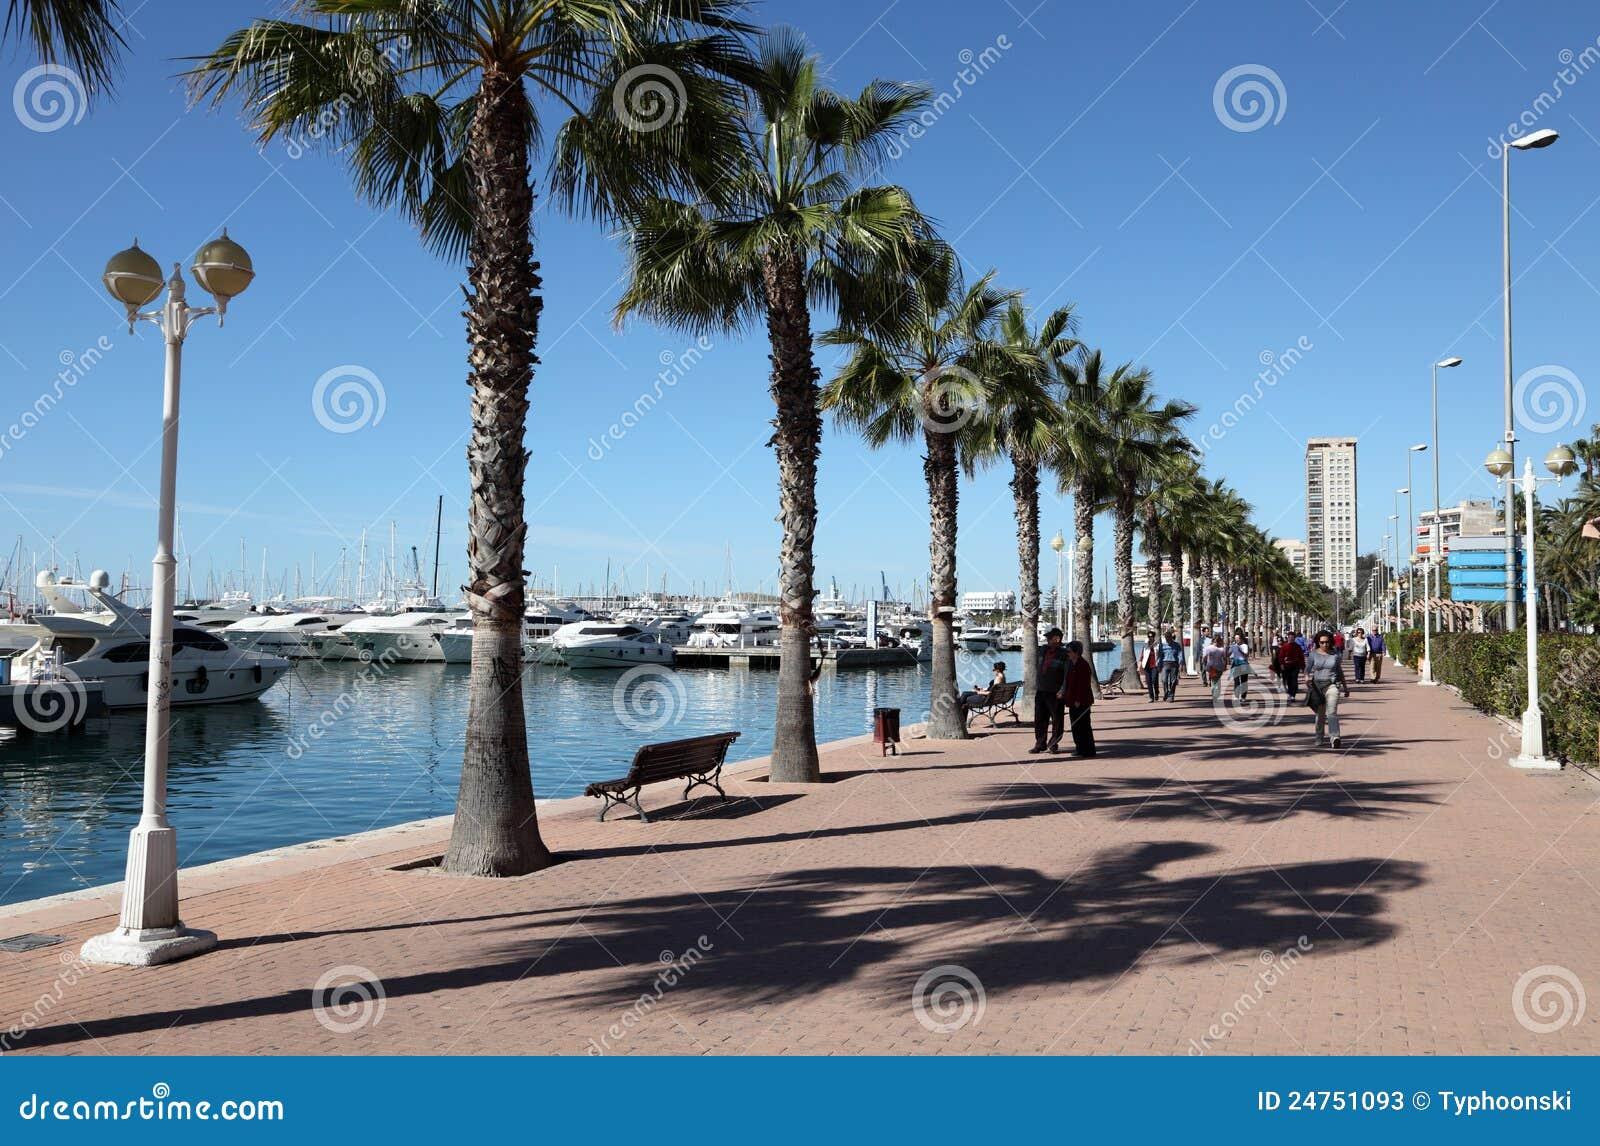 Promenade in alicante spain editorial stock photo image 24751093 - Stock uno alicante ...